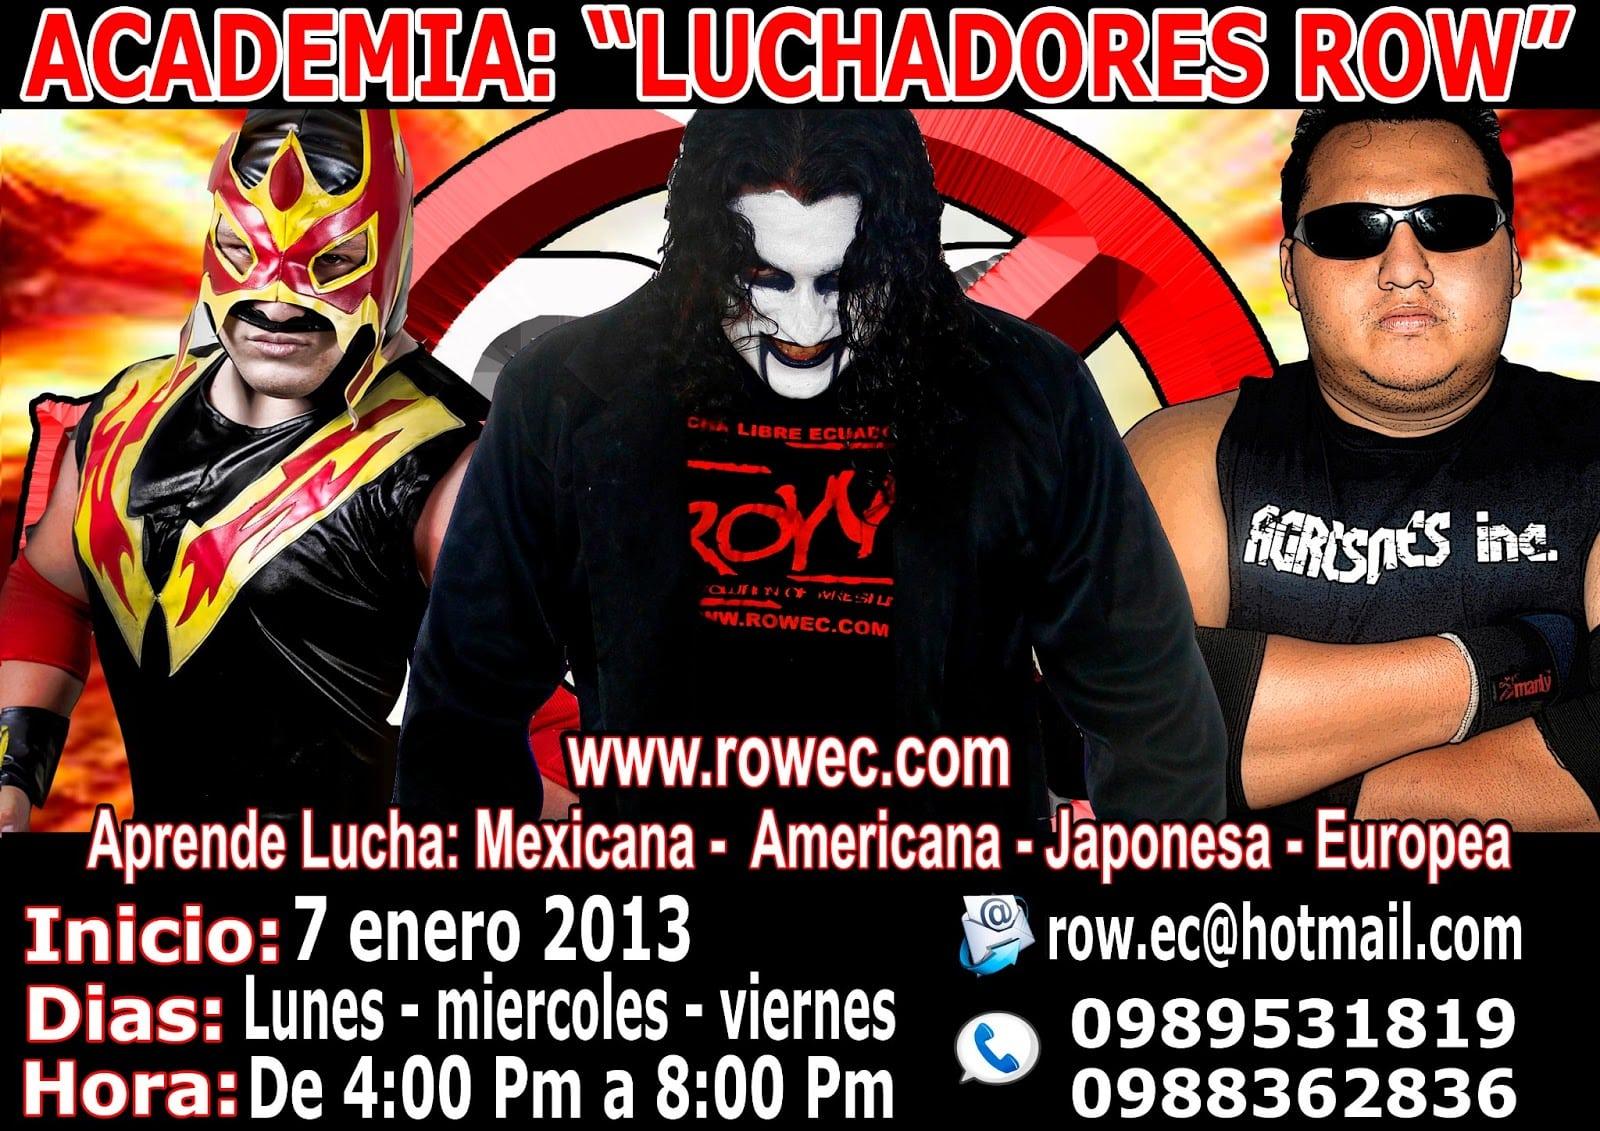 ROW Ecuador: Abierta escuela lucha libre ROW 1